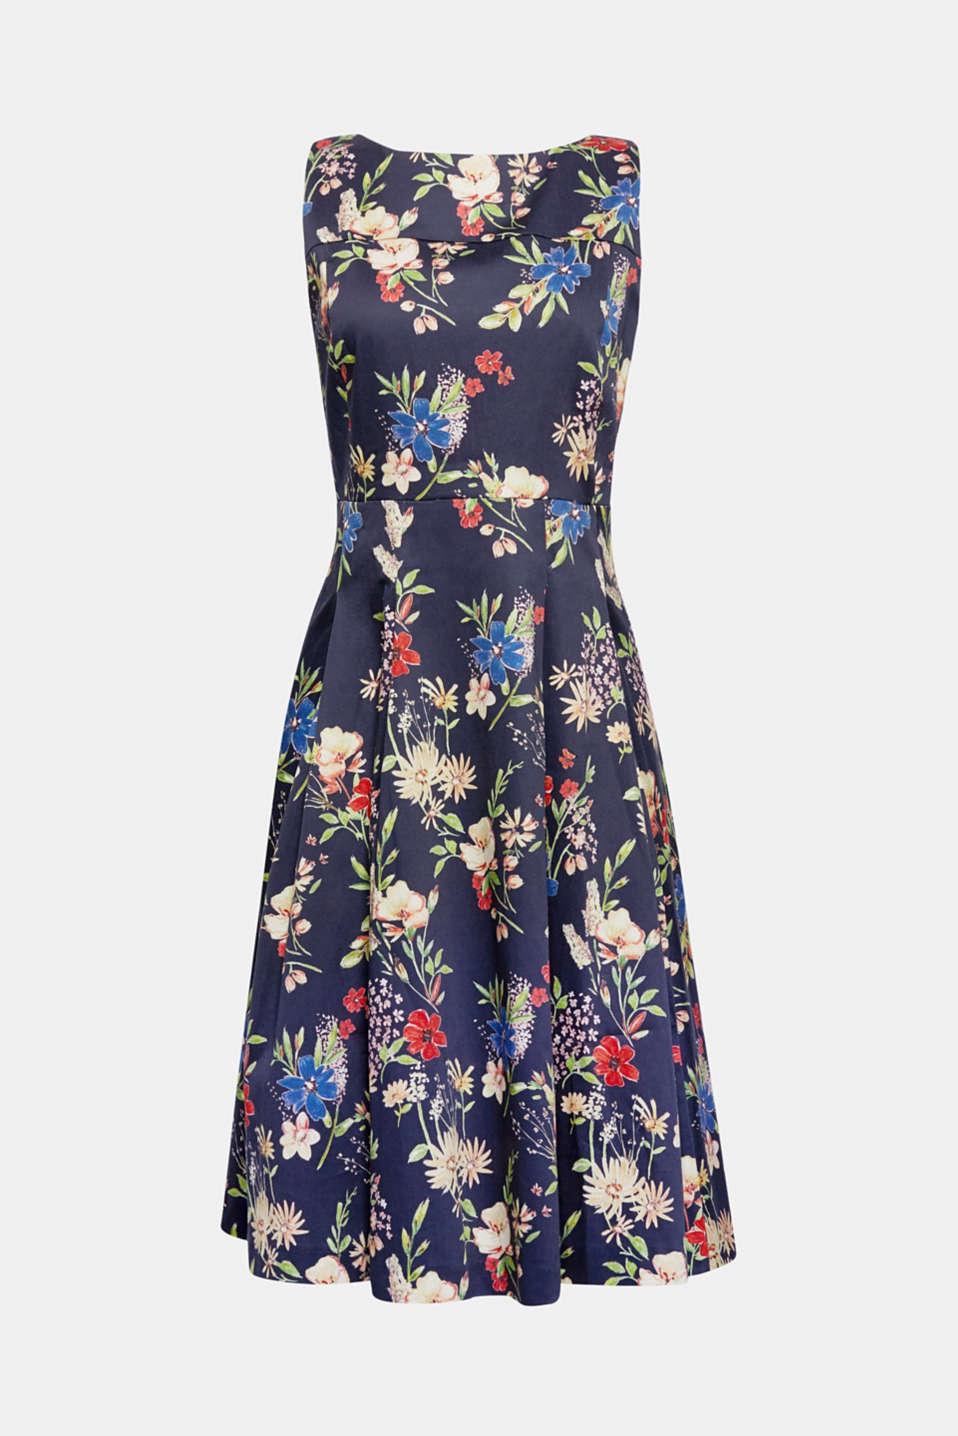 edc - Satiniertes Baumwoll-Kleid mit Blumen-Print im Online Shop kaufen